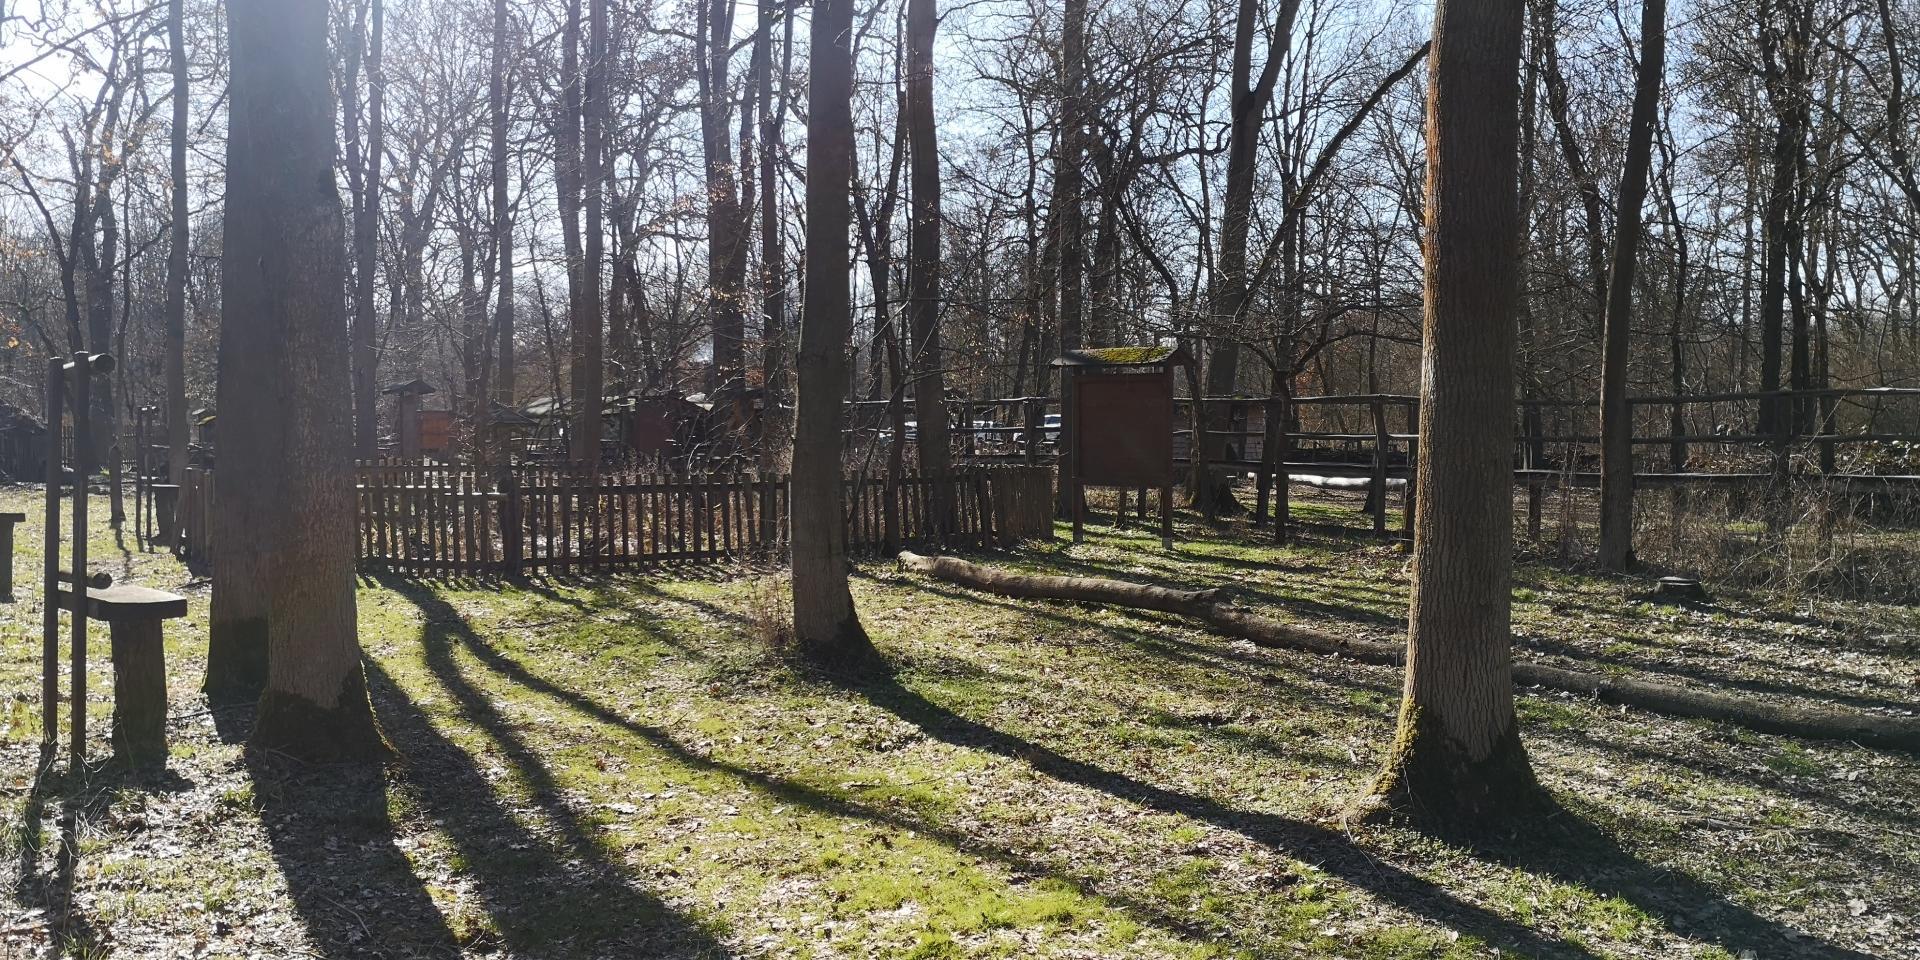 Schatten der Bäume in der Frühlingssonne